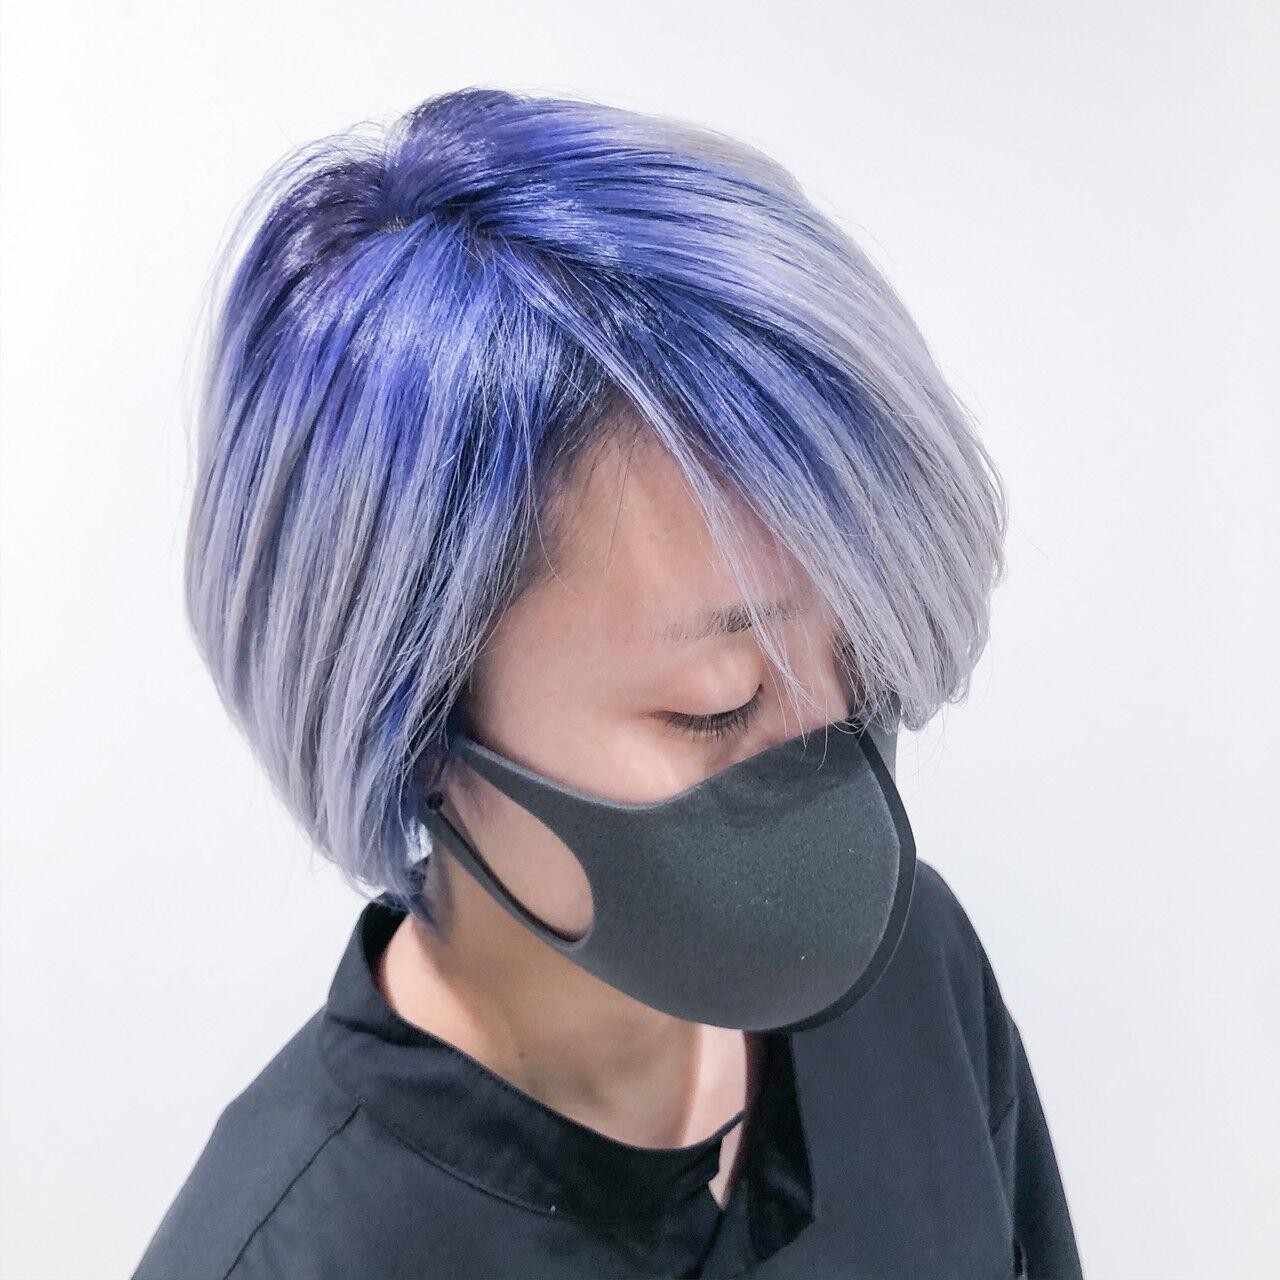 ブリーチカラー ブリーチ ボブ ブリーチオンカラーヘアスタイルや髪型の写真・画像